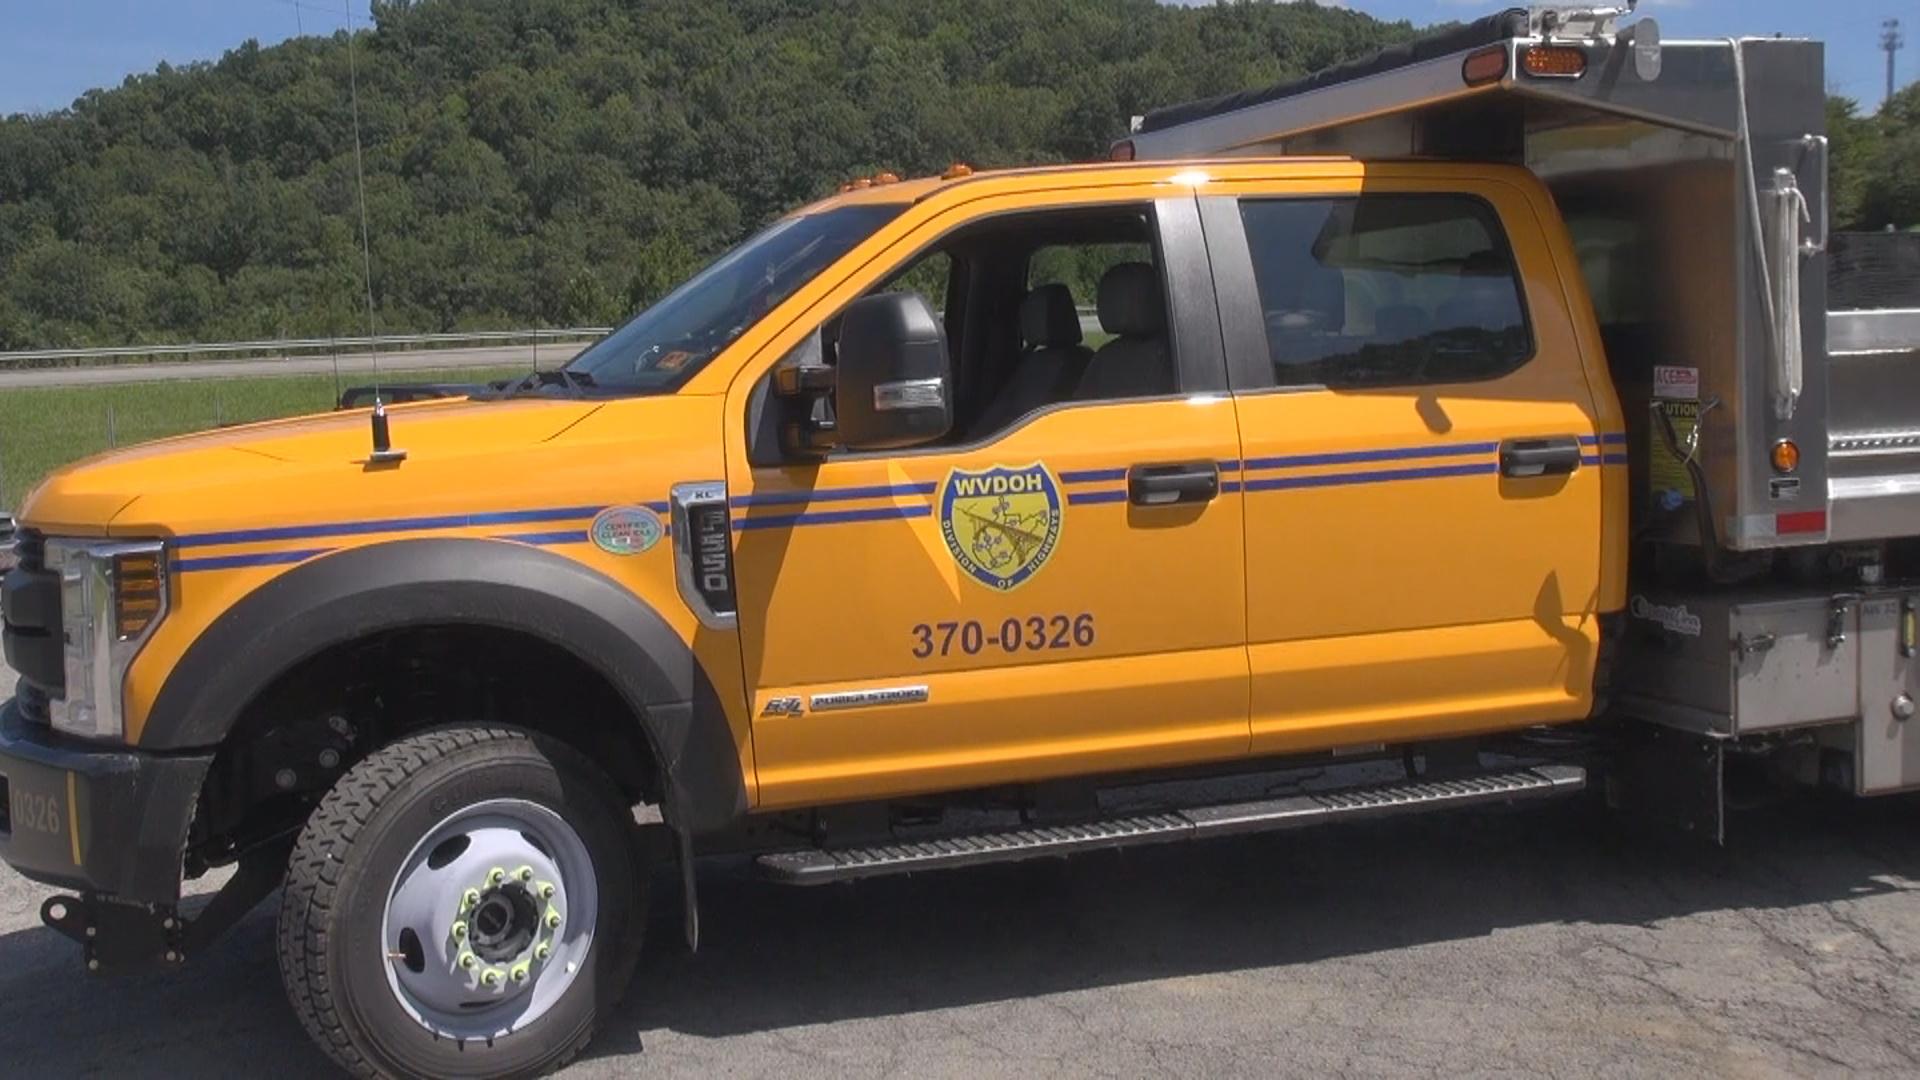 doh car_1535137599304.jpg.jpg